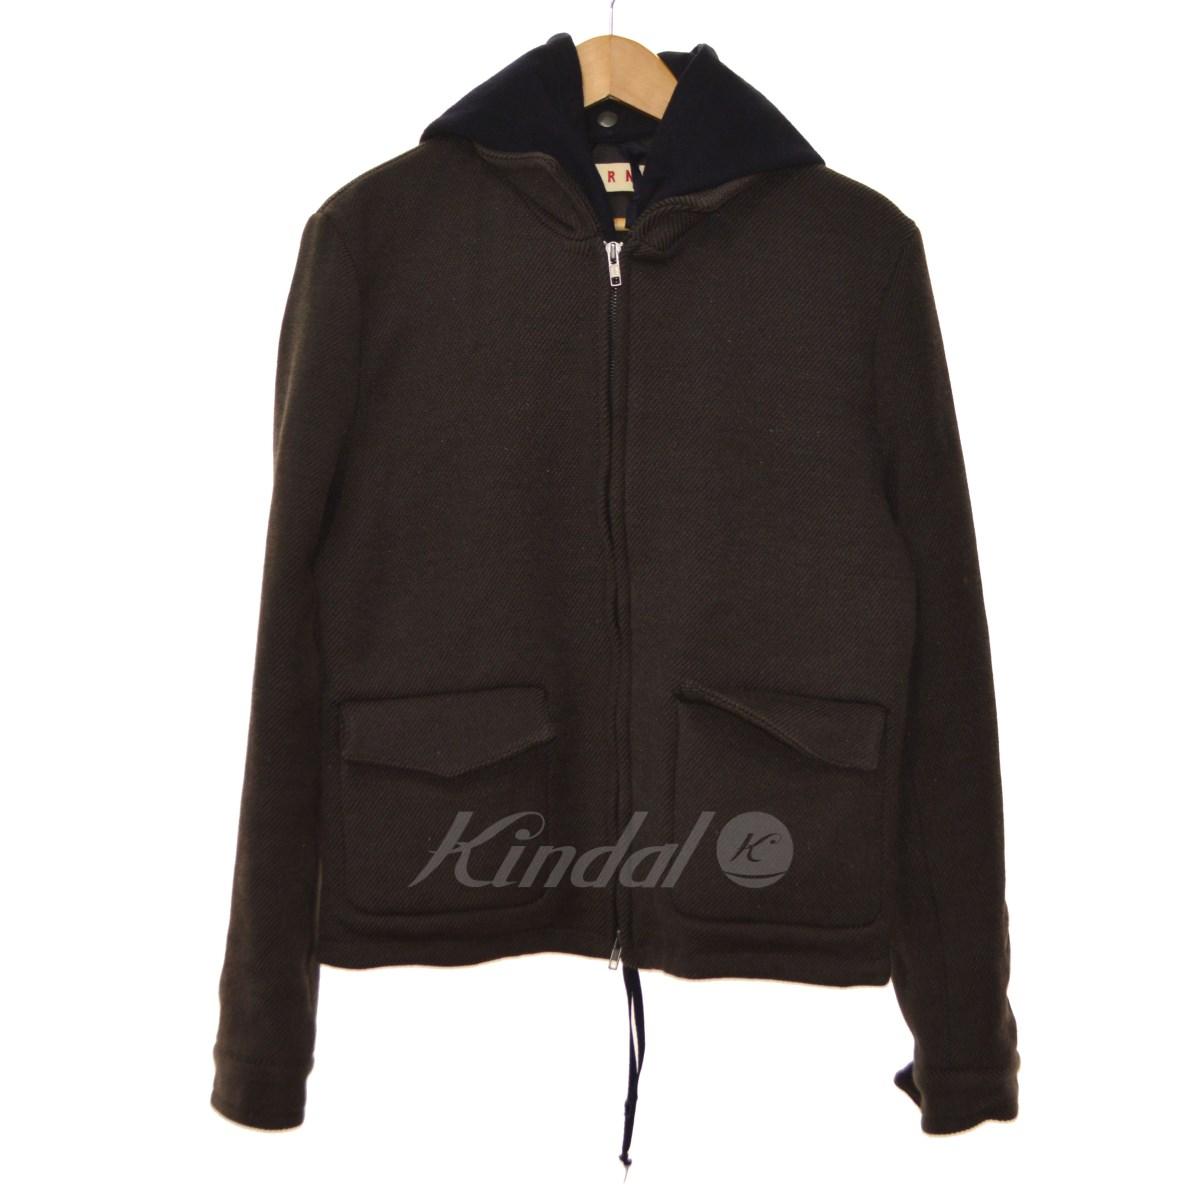 【中古】MARNI ライナー付きレイヤードジャケット ブラウン サイズ:44 【送料無料】 【251018】(マルニ)